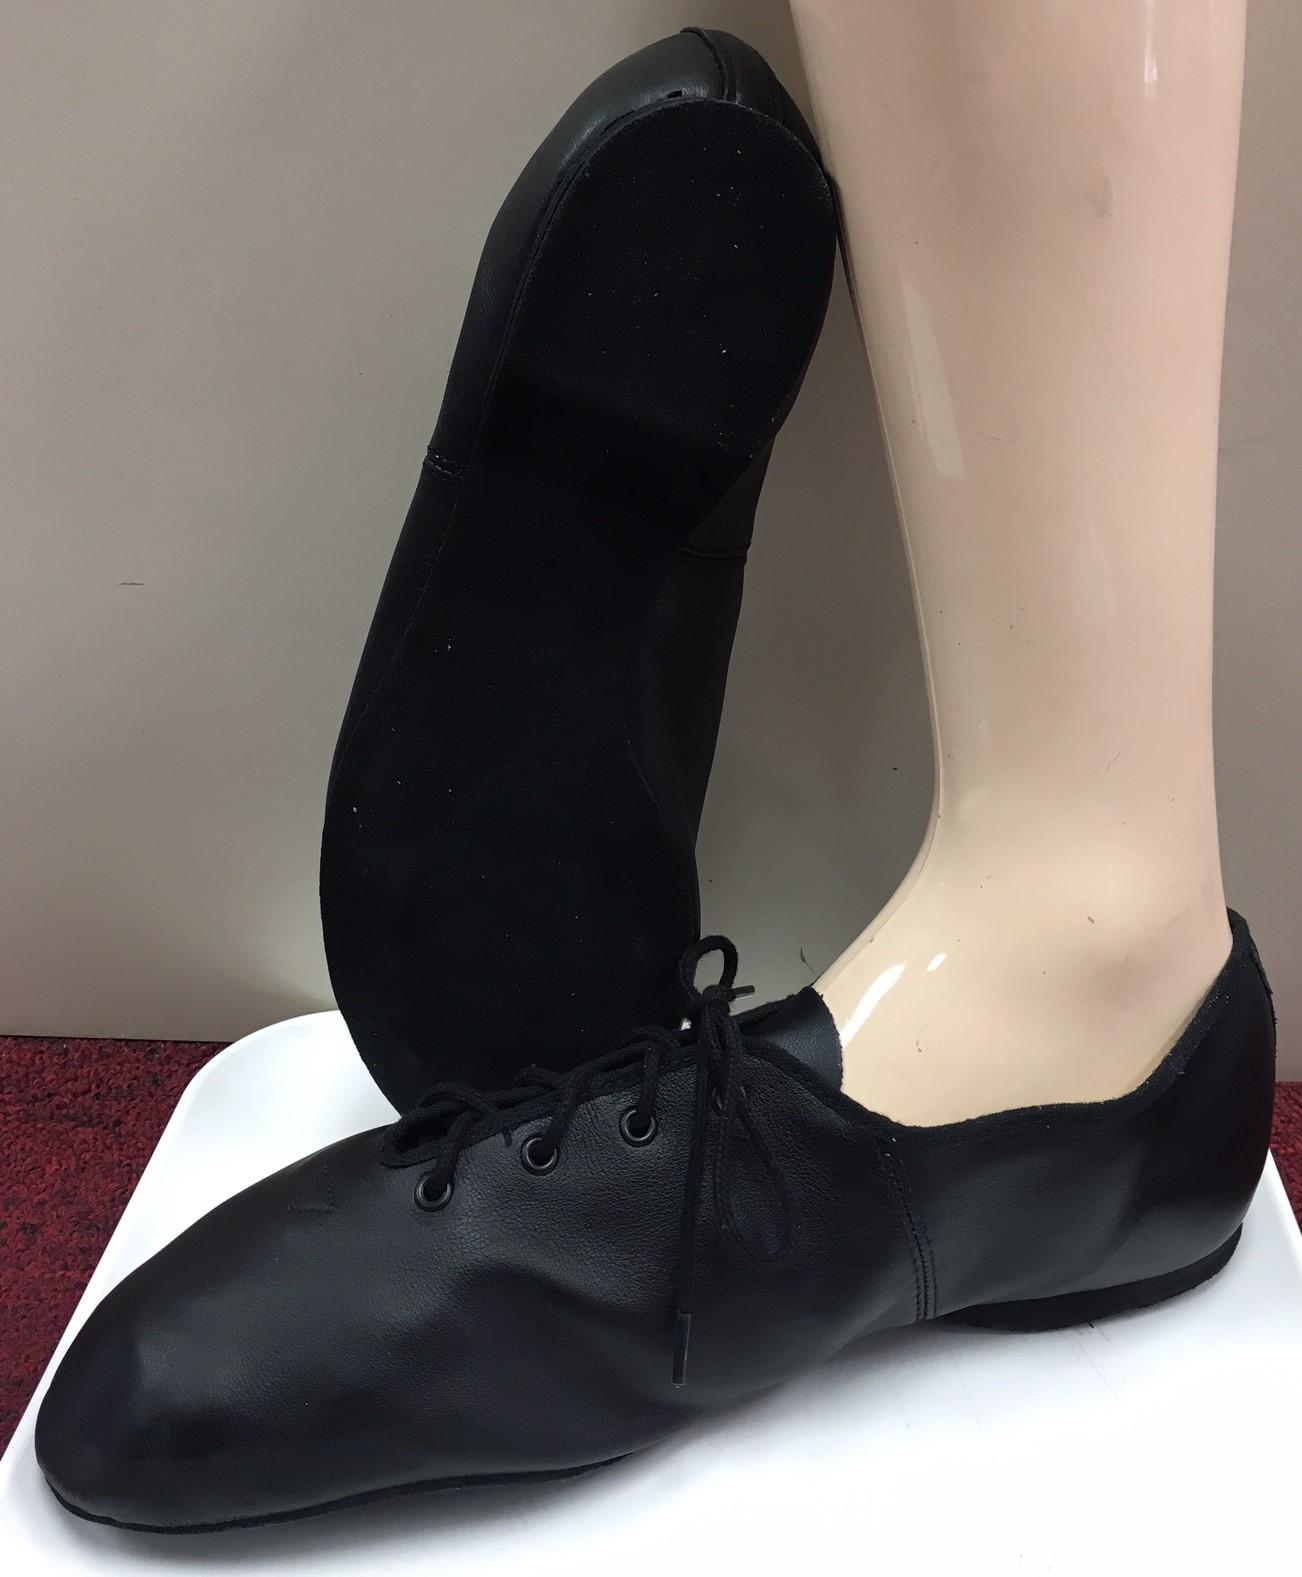 Bloch Men's Full Sole Jazz Shoes